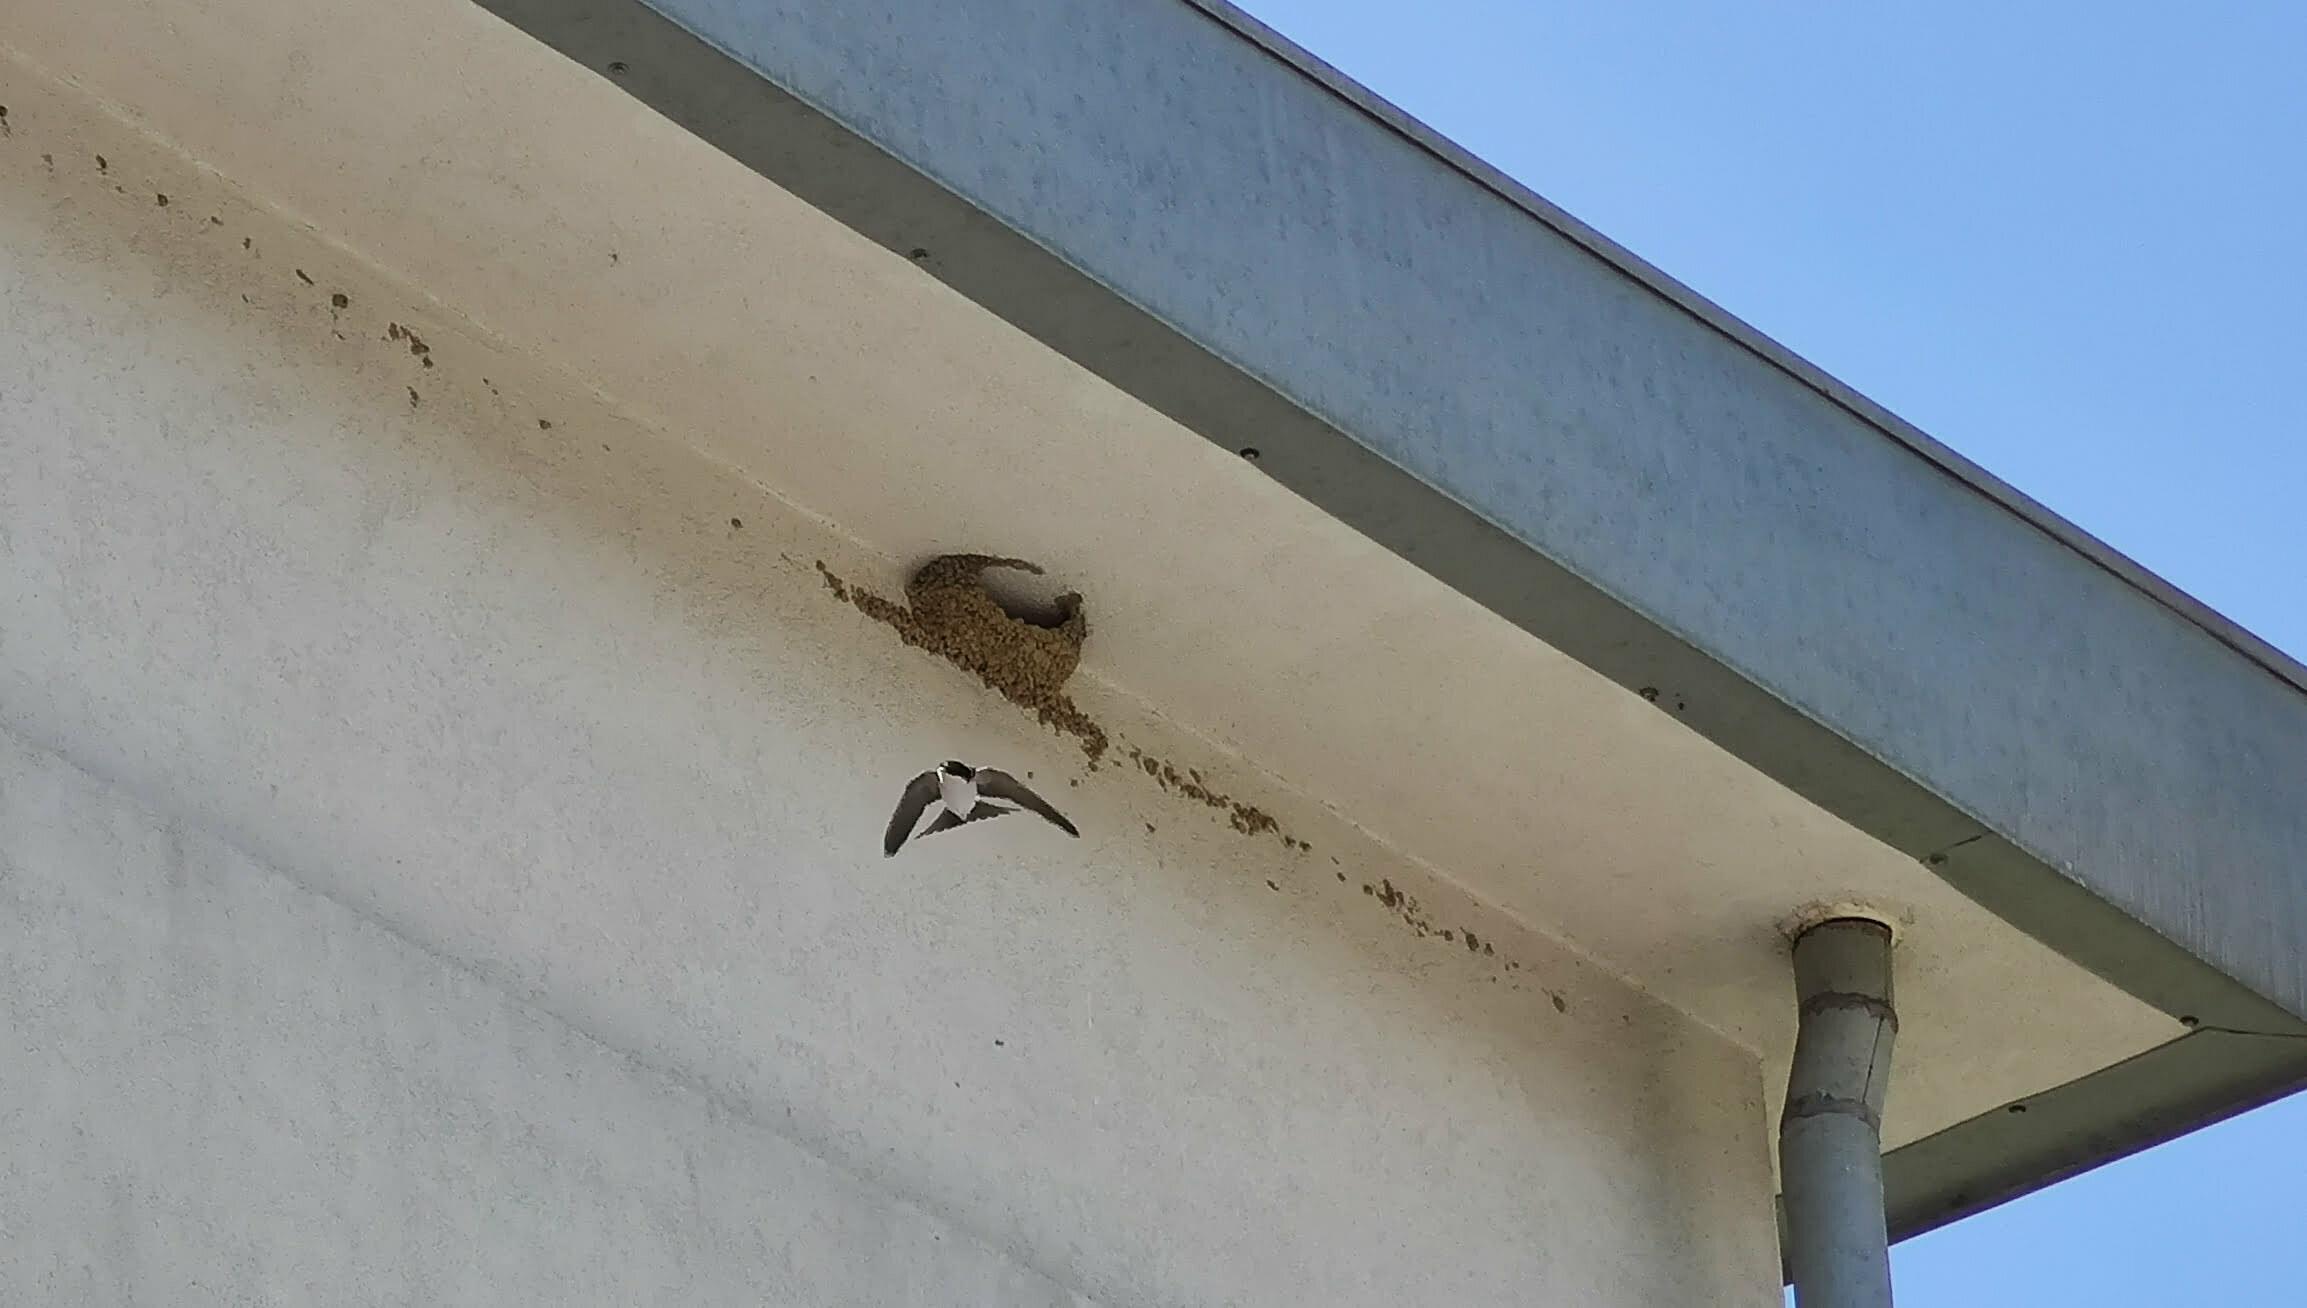 Balestruccio in uscita dal nido in costruzione